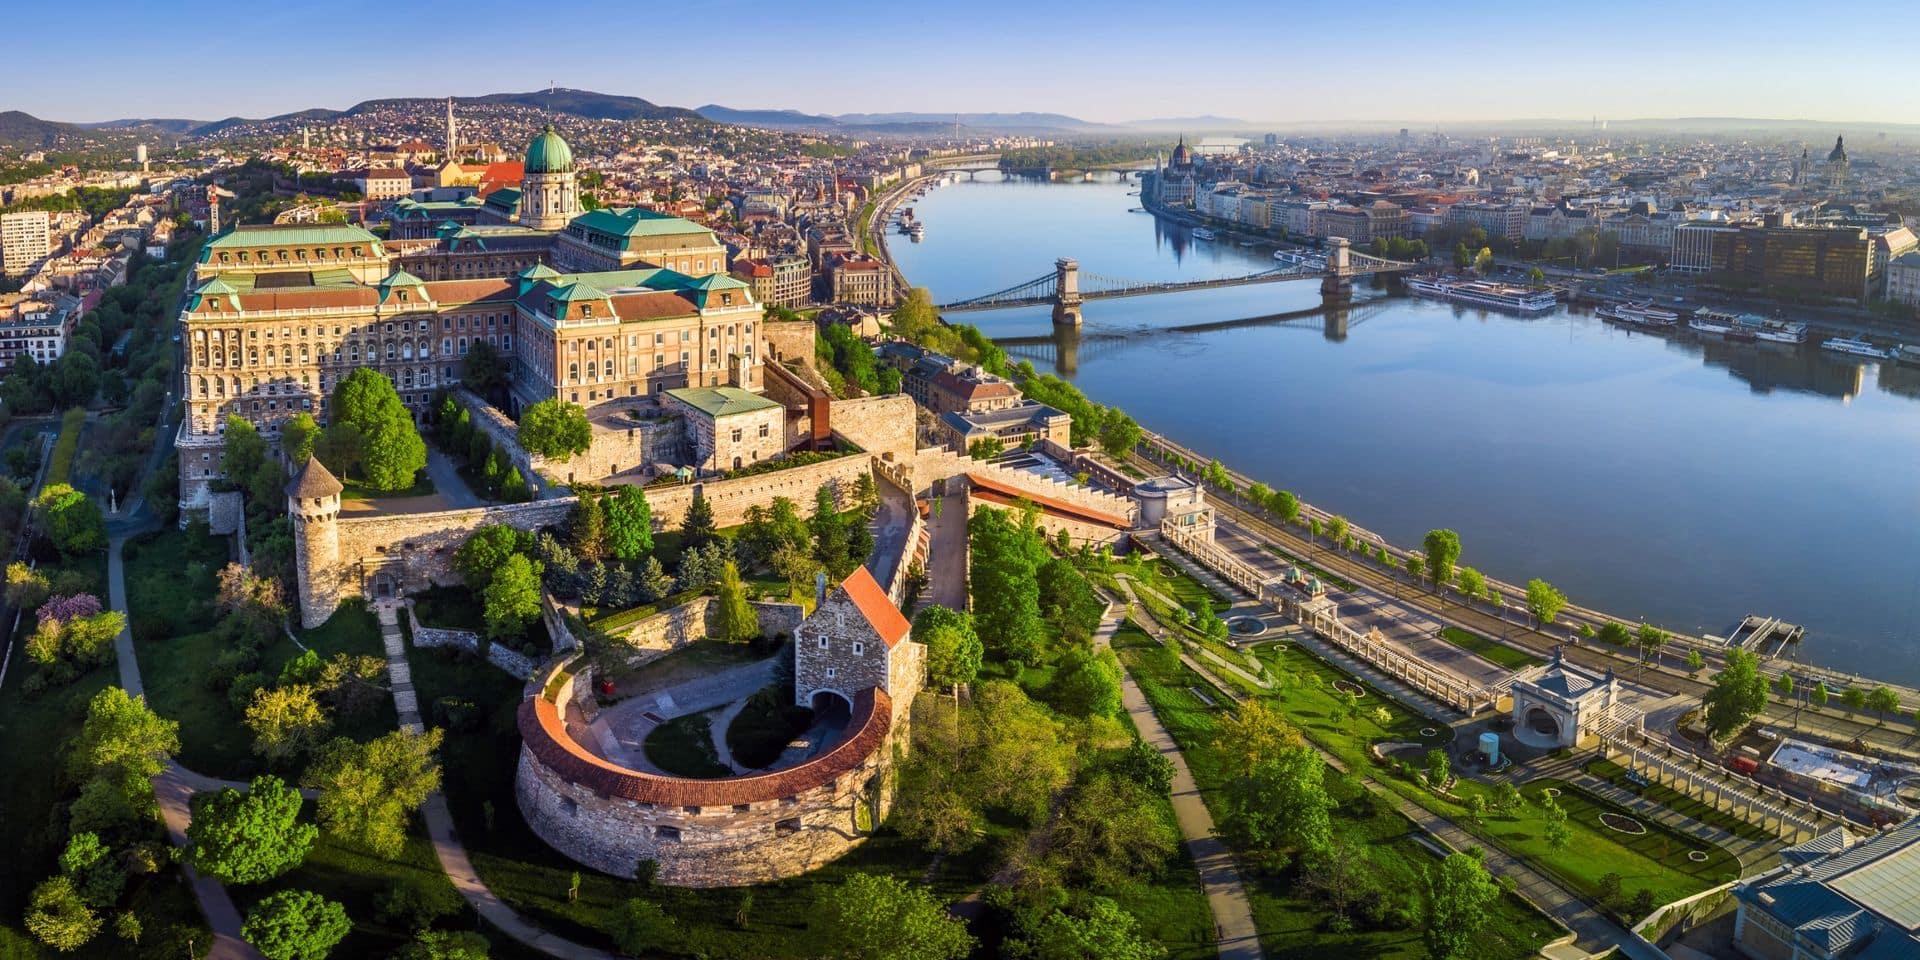 Encore du changement pour les Belges souhaitant voyager à l'étranger: la Slovaquie impose la quarantaine, la Hongrie va fermer ses frontières